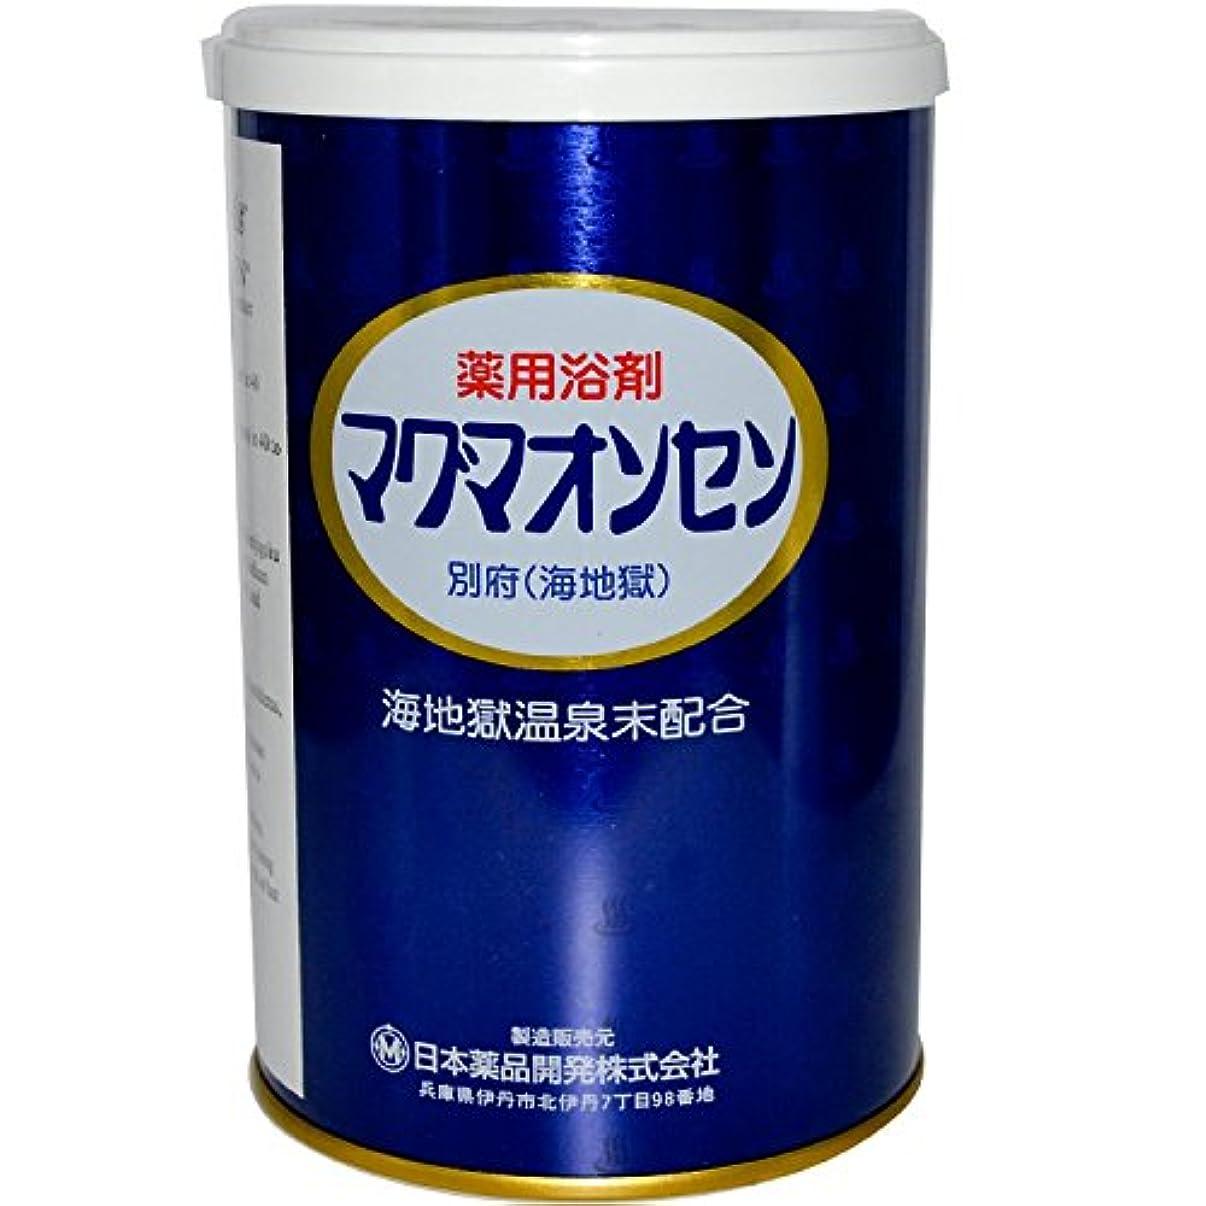 レビュアー多用途雪マグマオンセン別府(海地獄) 500g三缶